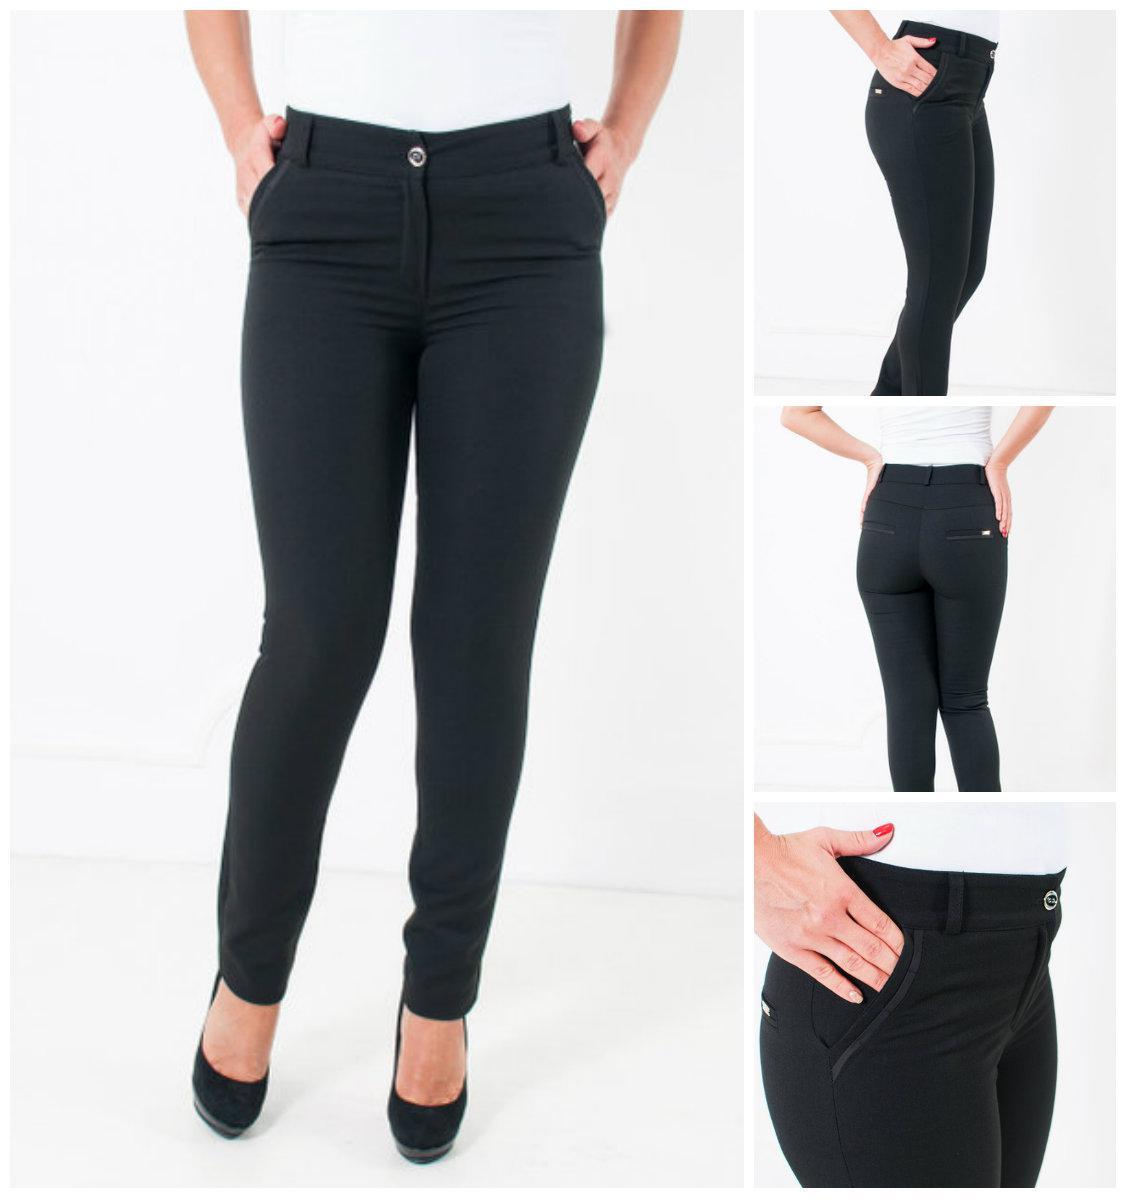 Стильные женские брюки Миранда зауженные, 44,46,48,50,52,54,56